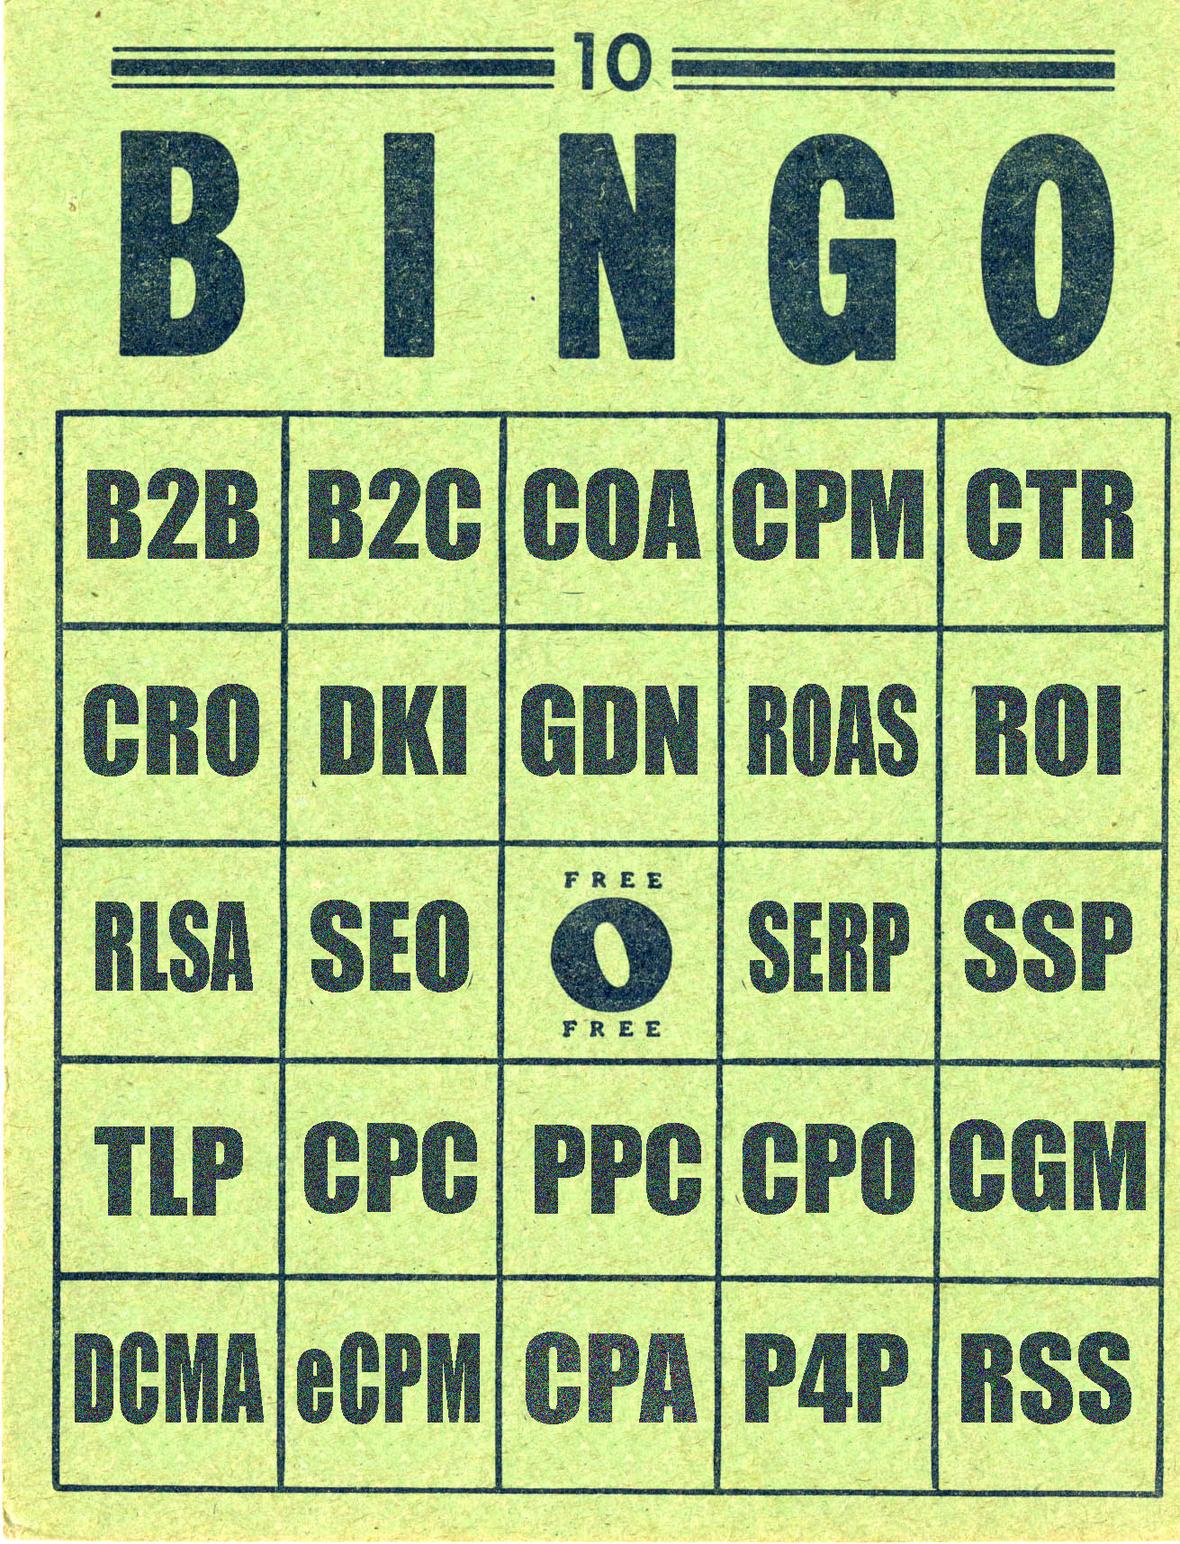 Search engine marketing acronym bingo